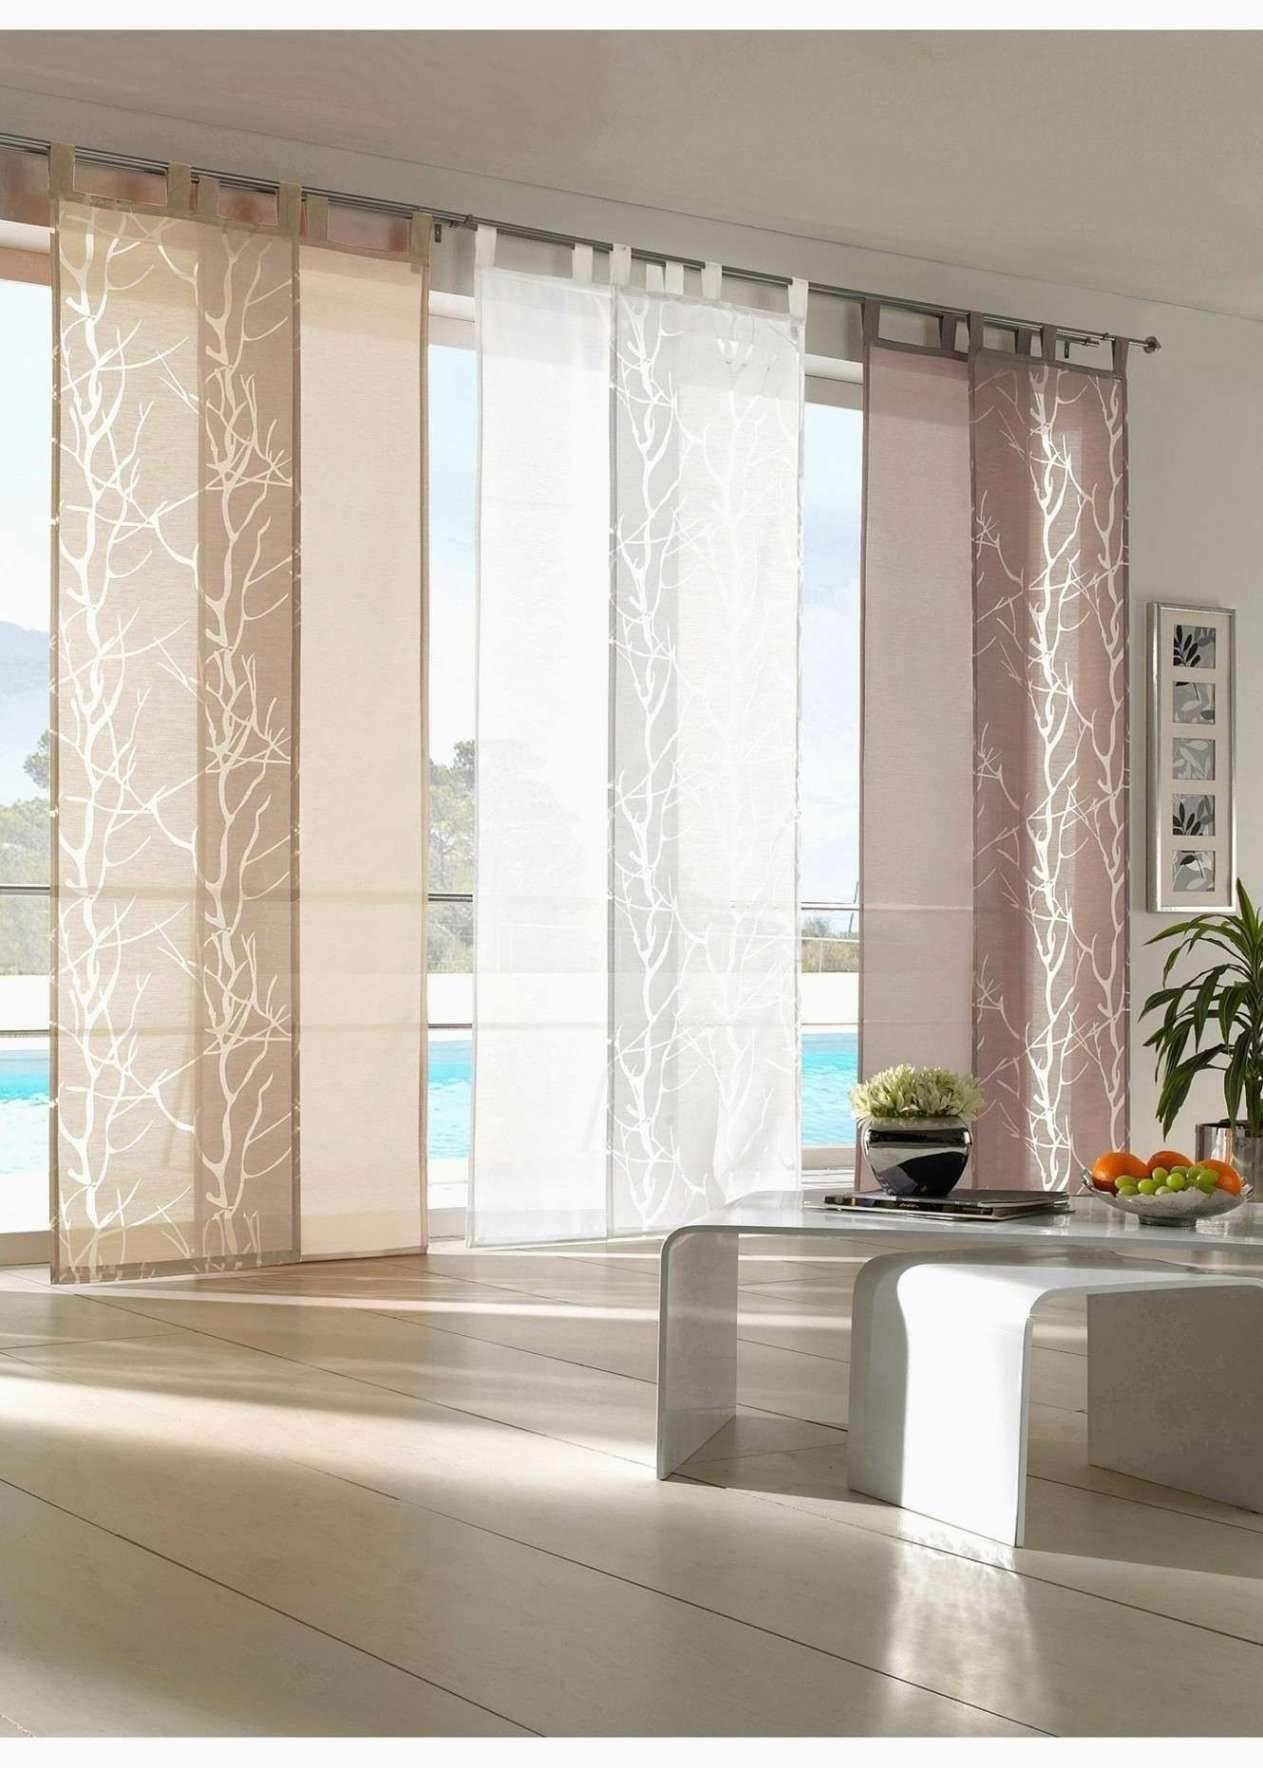 gardinen fur balkontur inspirierend gardinen fur dreiecksfenster temobardz home blog of gardinen fur balkontur